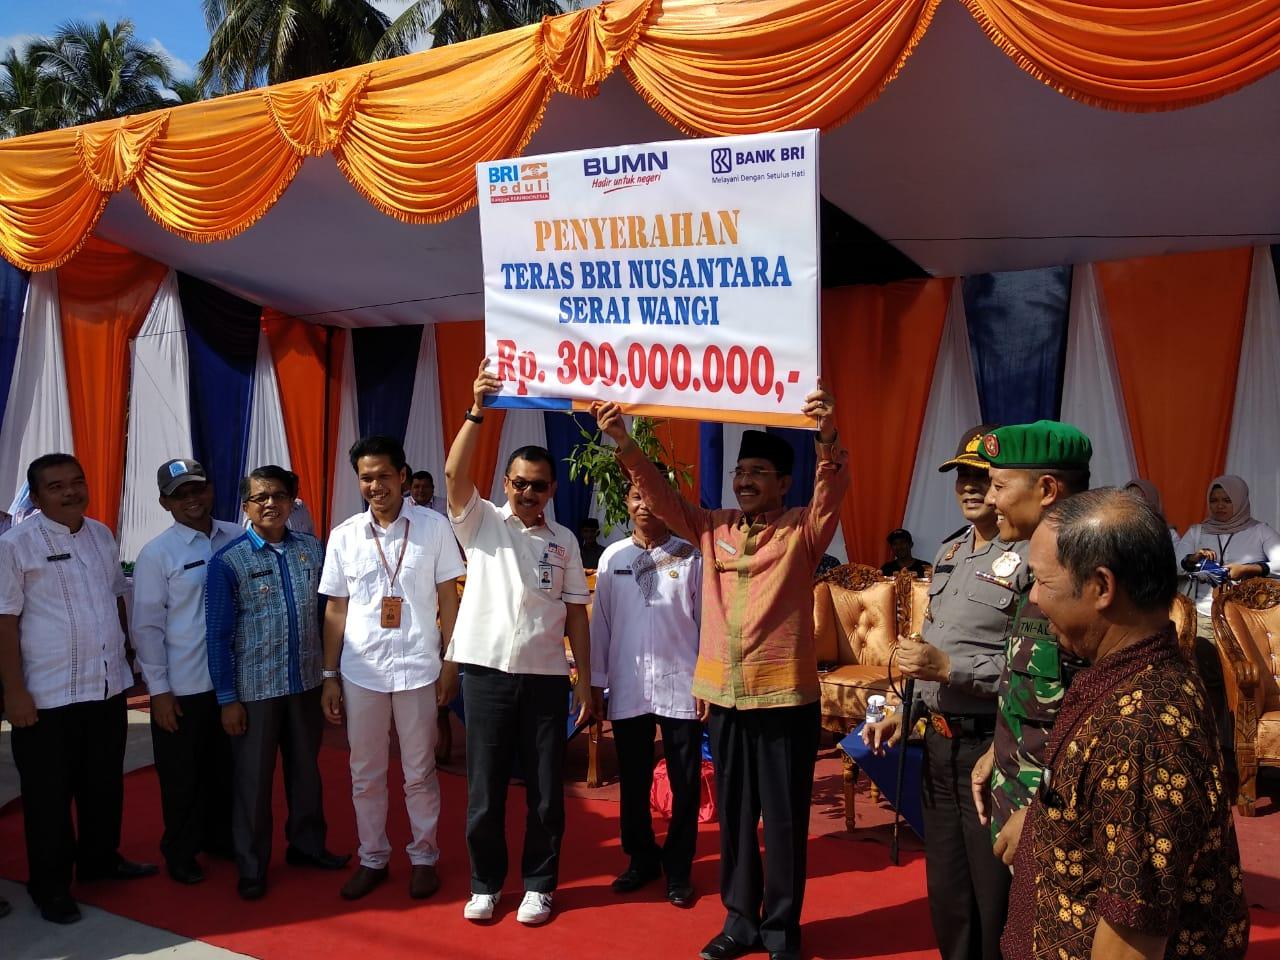 Pemimpin wilayah BRI Padang, Jhoni Alwadris saat menyerahkan bantuan Rp300 juta kepada Bupati Pasaman, Yusuf Lubis, Jum'at (28/12).